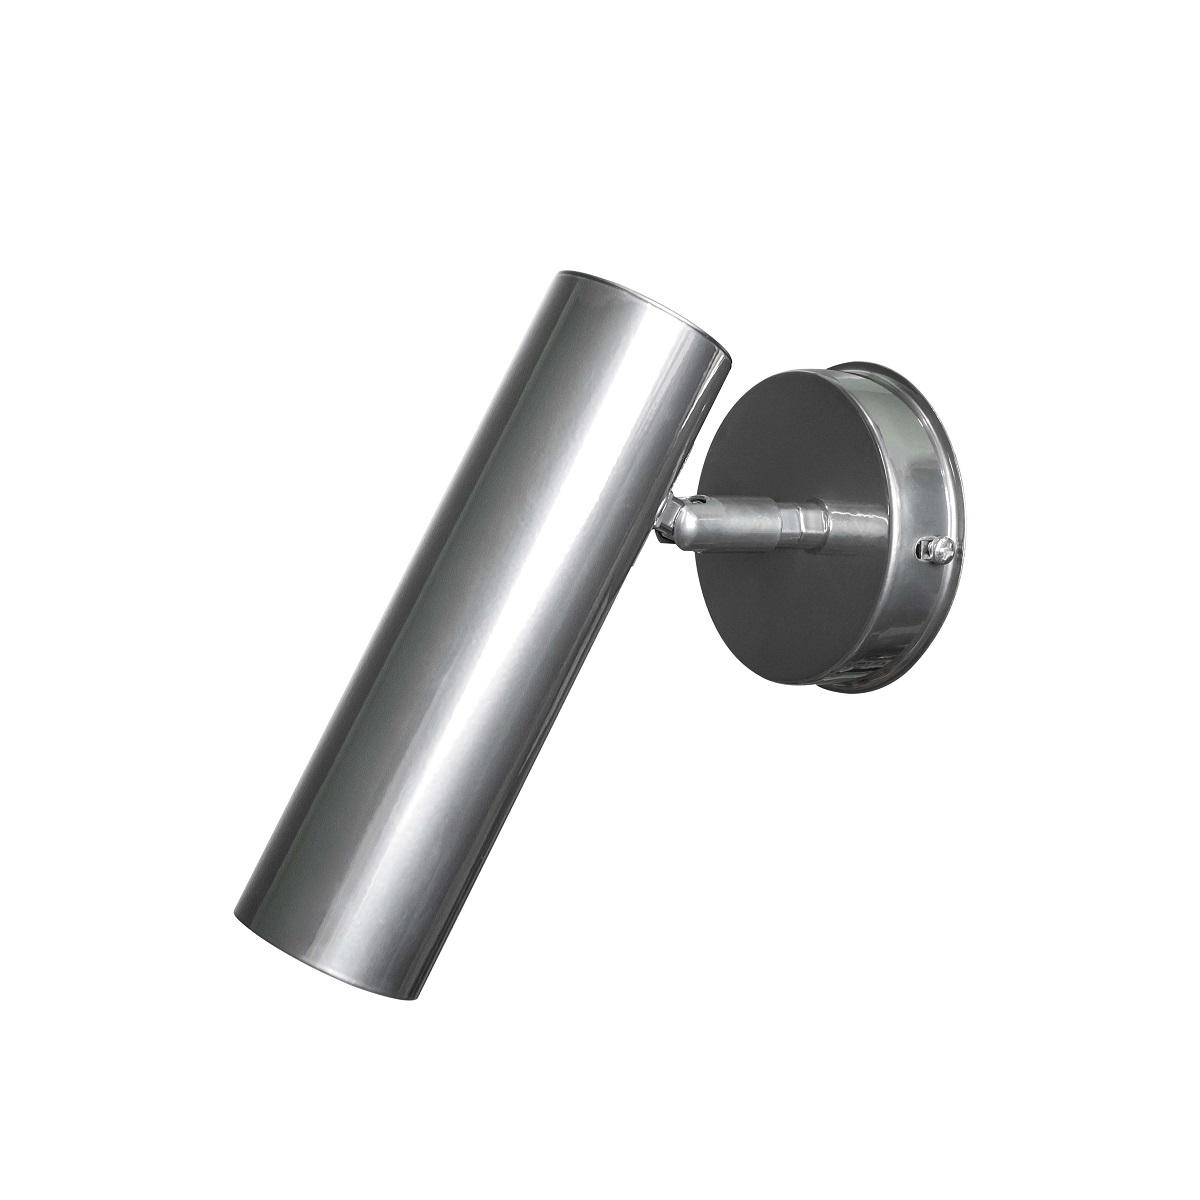 Светильники ЛОФТ - Люстра лофт потолочная с поворотным плафоном 000002797 - Фото 3